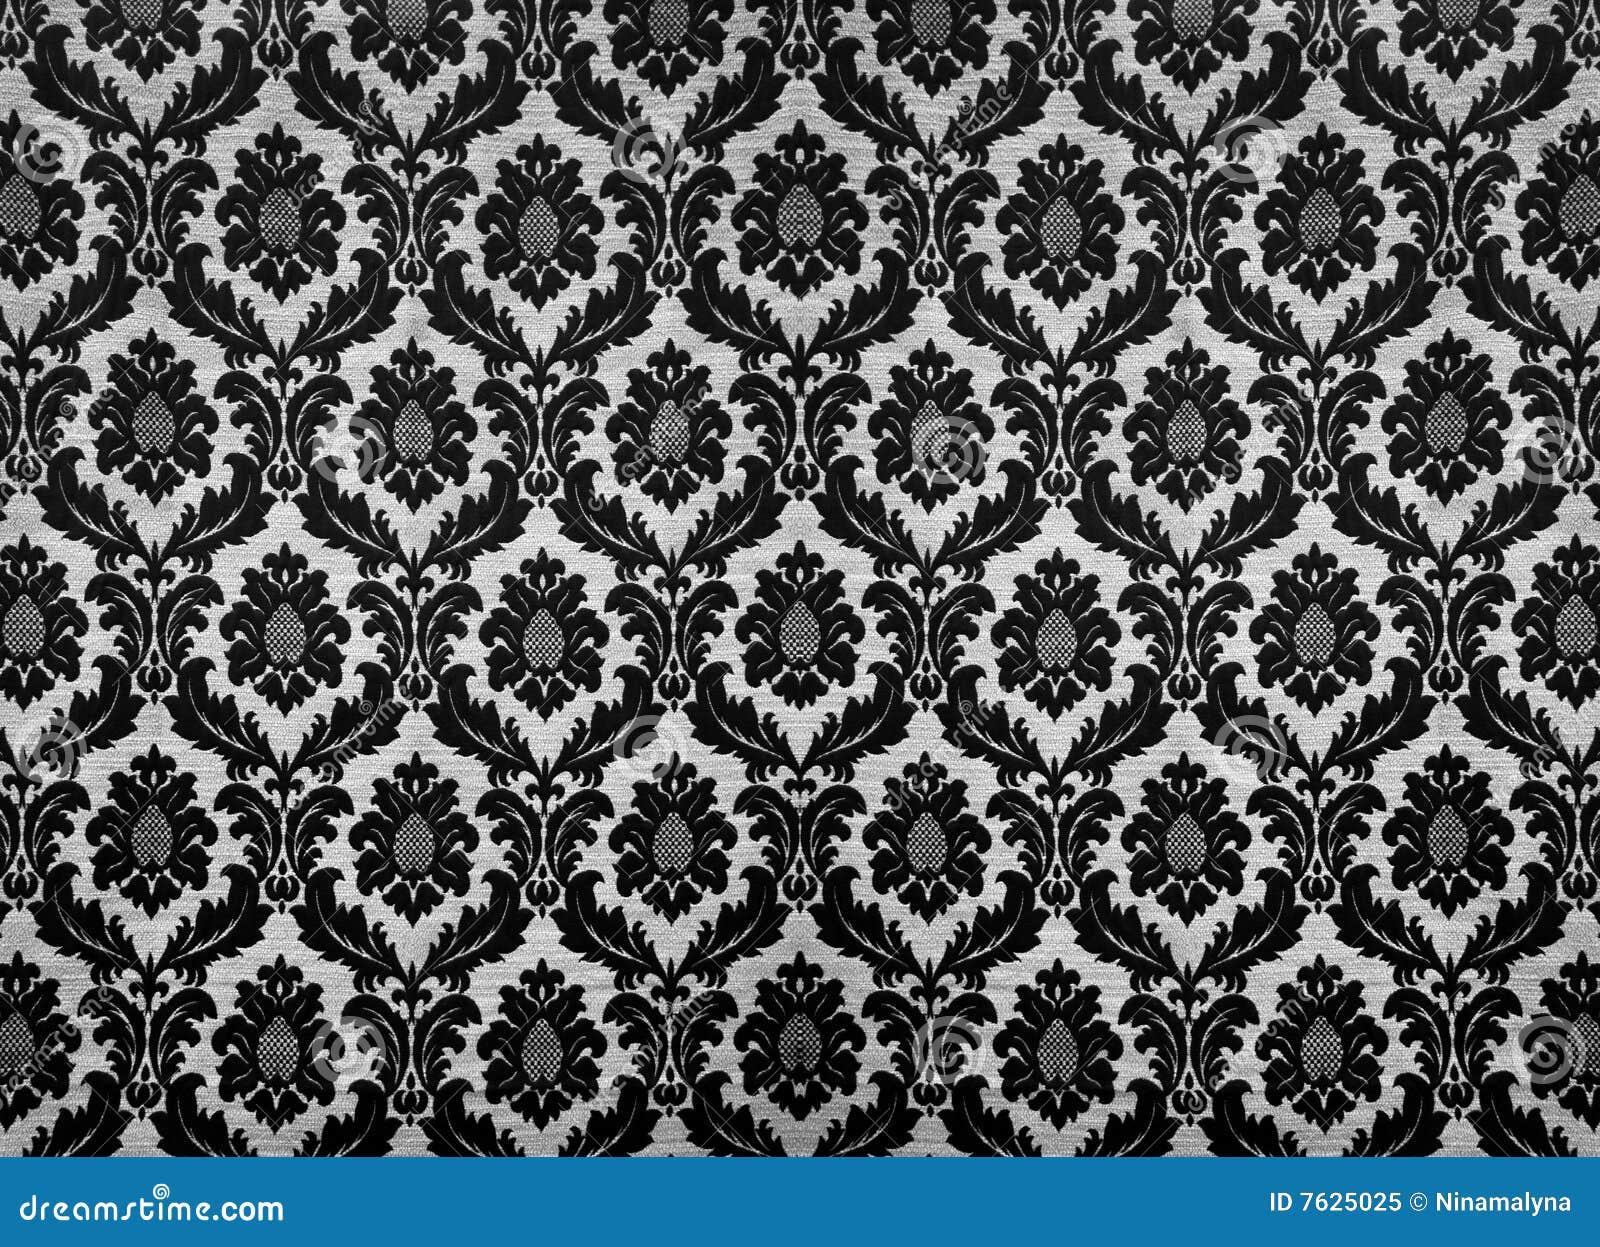 Behang Met Patroon : Retro behang stock afbeelding afbeelding bestaande uit gebladerte